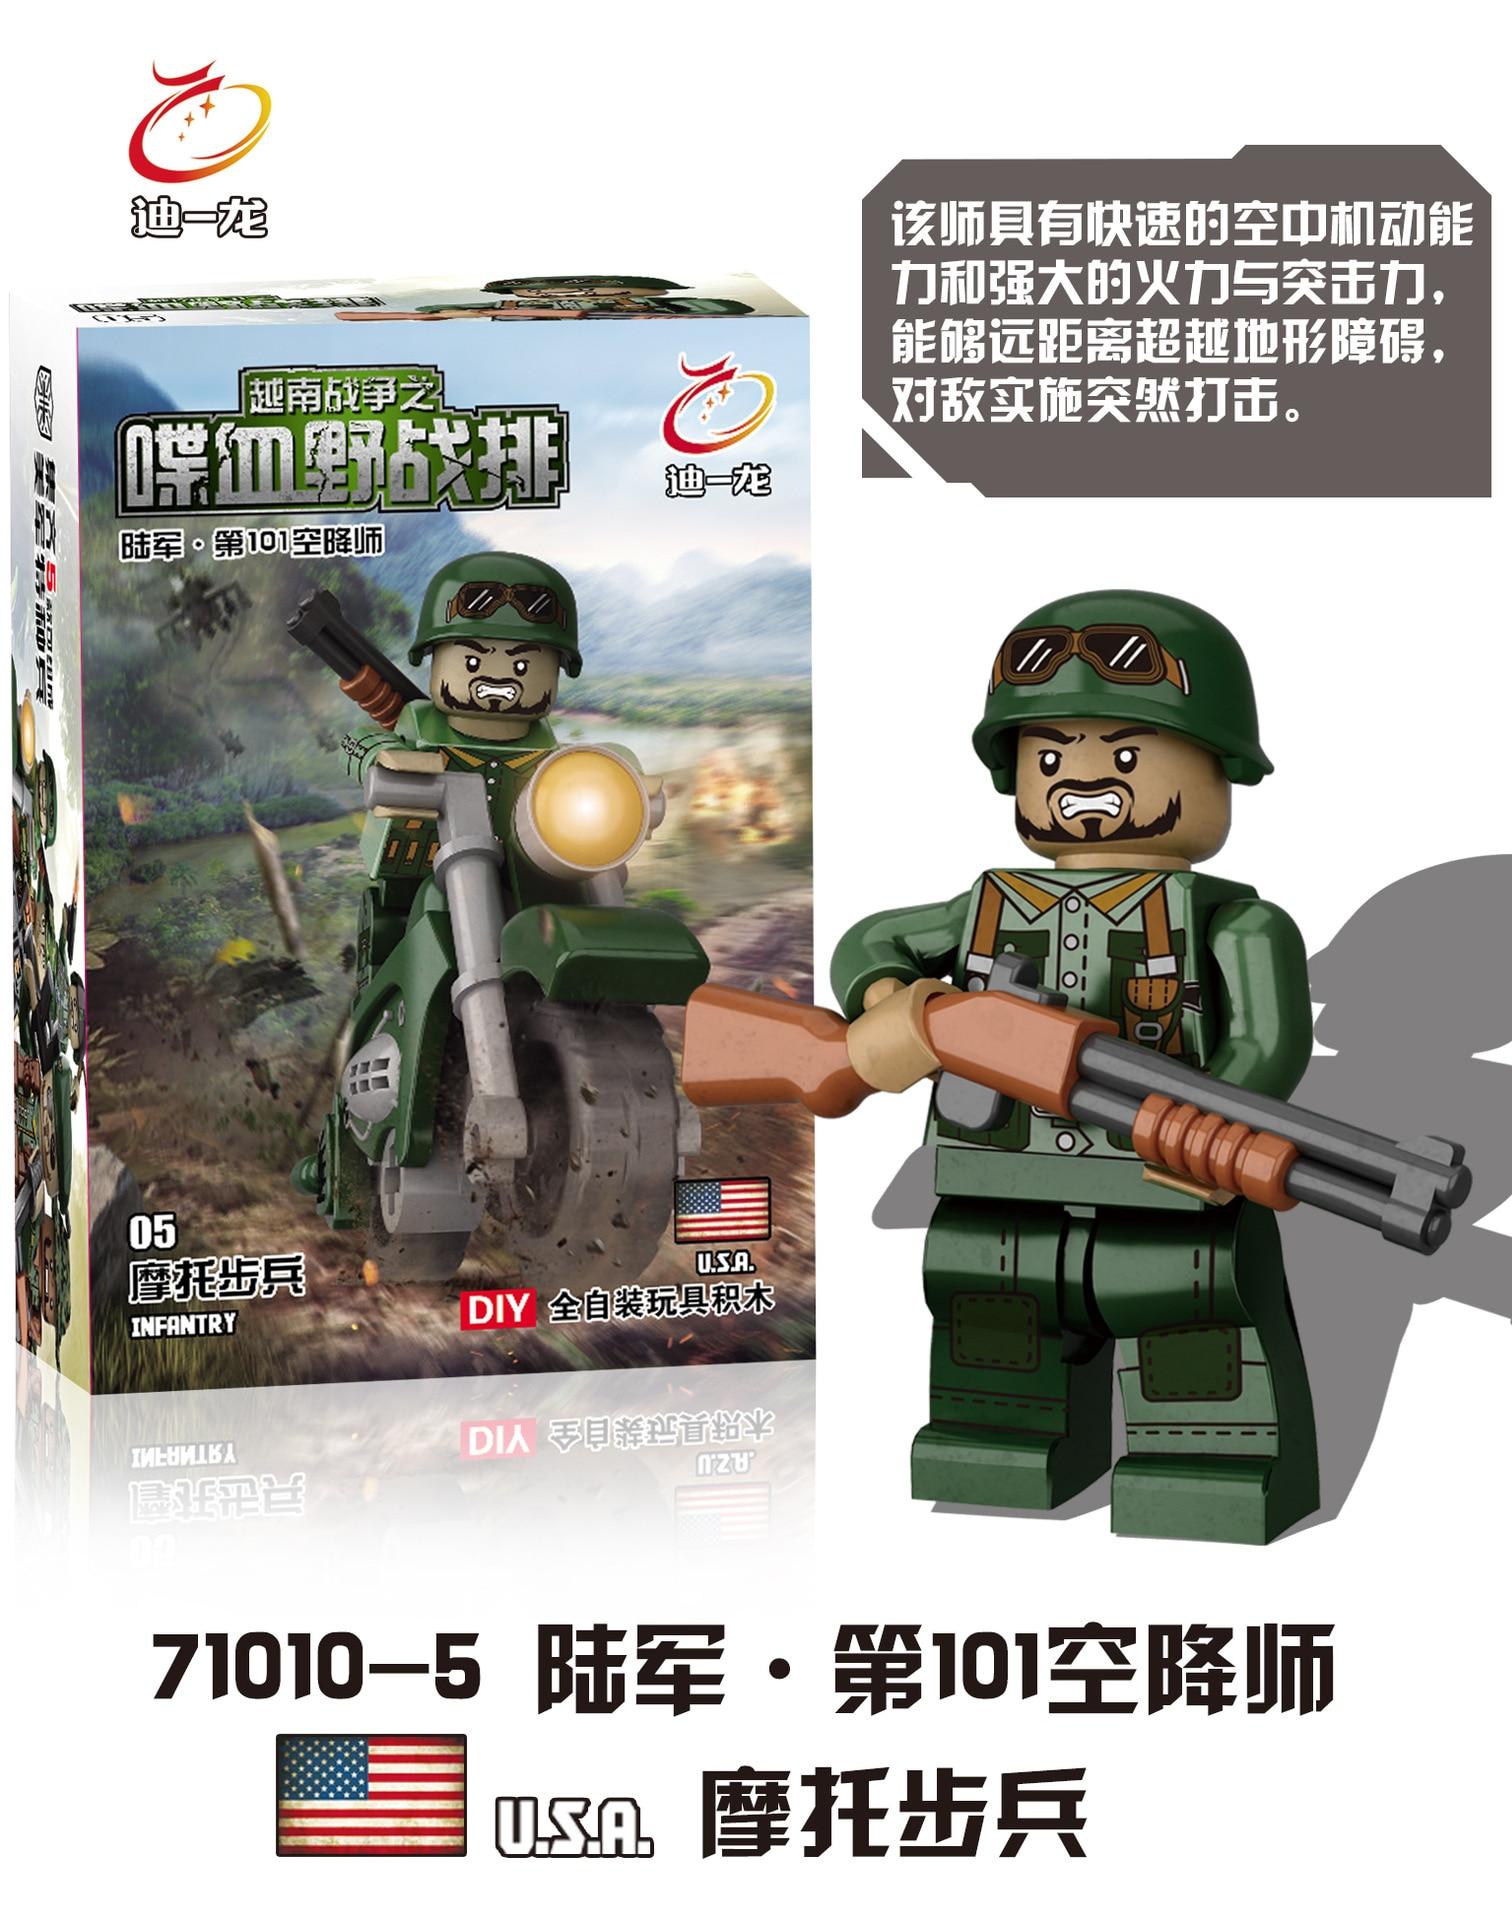 D71010 Вьетнамская война против армии США мини кукла с Книги об оружии Второй мировой войны сцены военные MOC строительные блоки игрушки подаро...